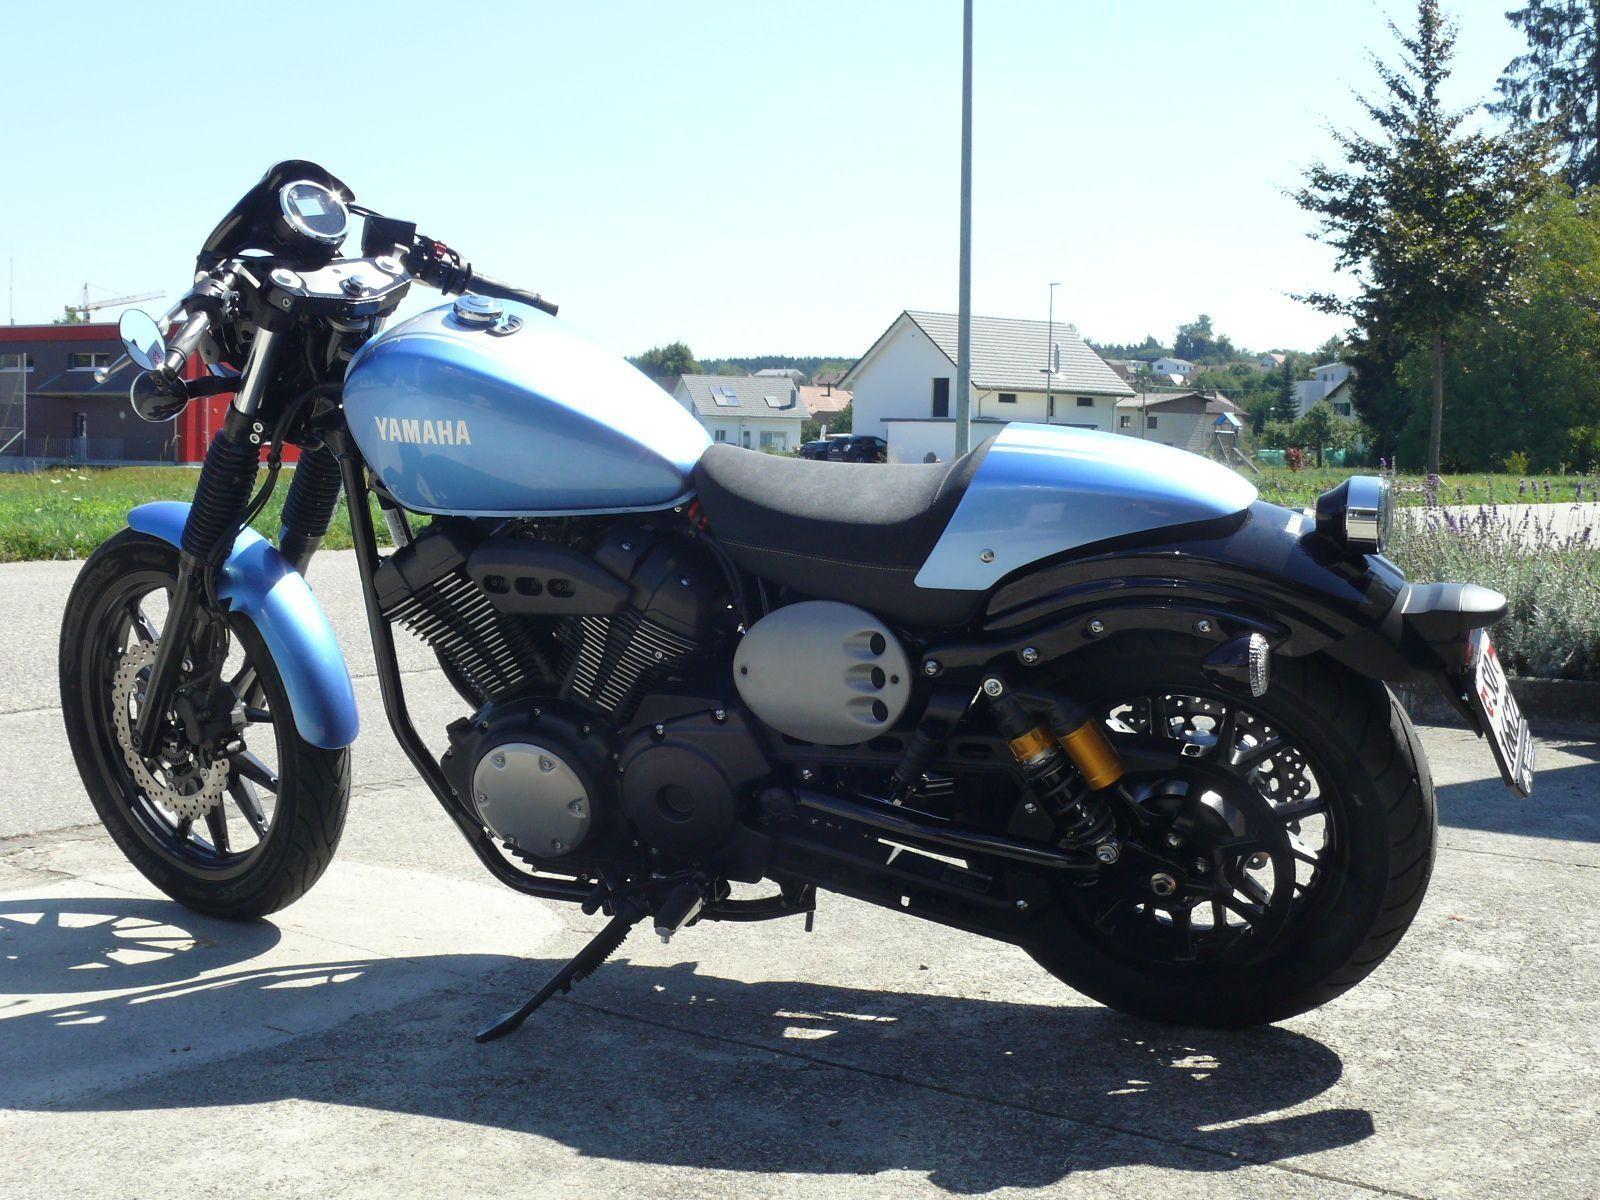 motorrad vorf hrmodell kaufen yamaha xv 950 cu abs racer von arb bike ag neuendorf. Black Bedroom Furniture Sets. Home Design Ideas